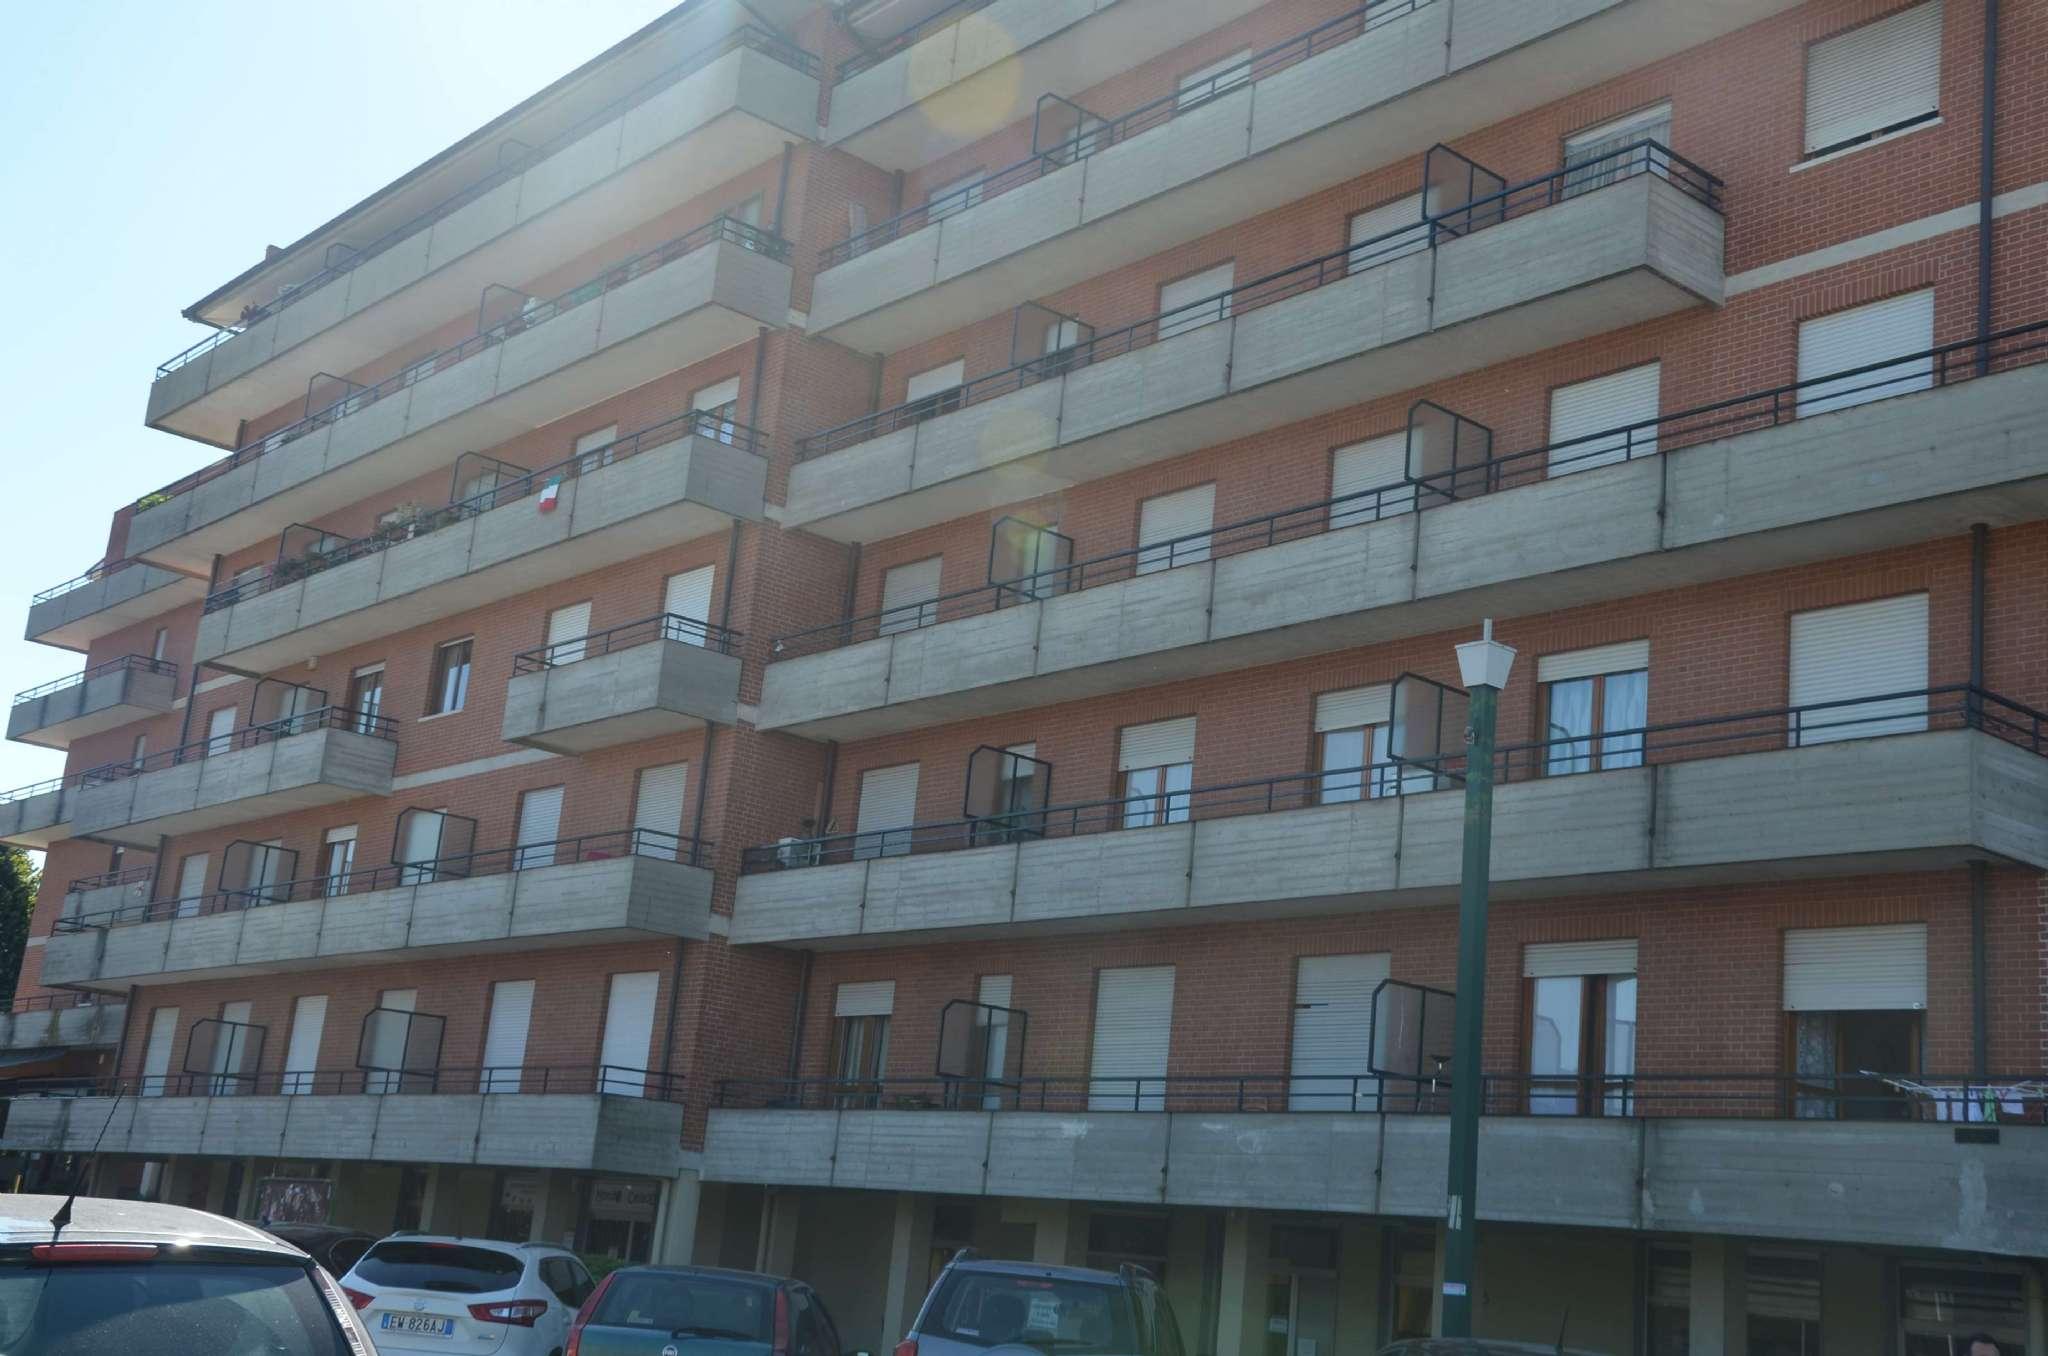 Appartamento in vendita a Carmagnola, 3 locali, prezzo € 108.000 | CambioCasa.it